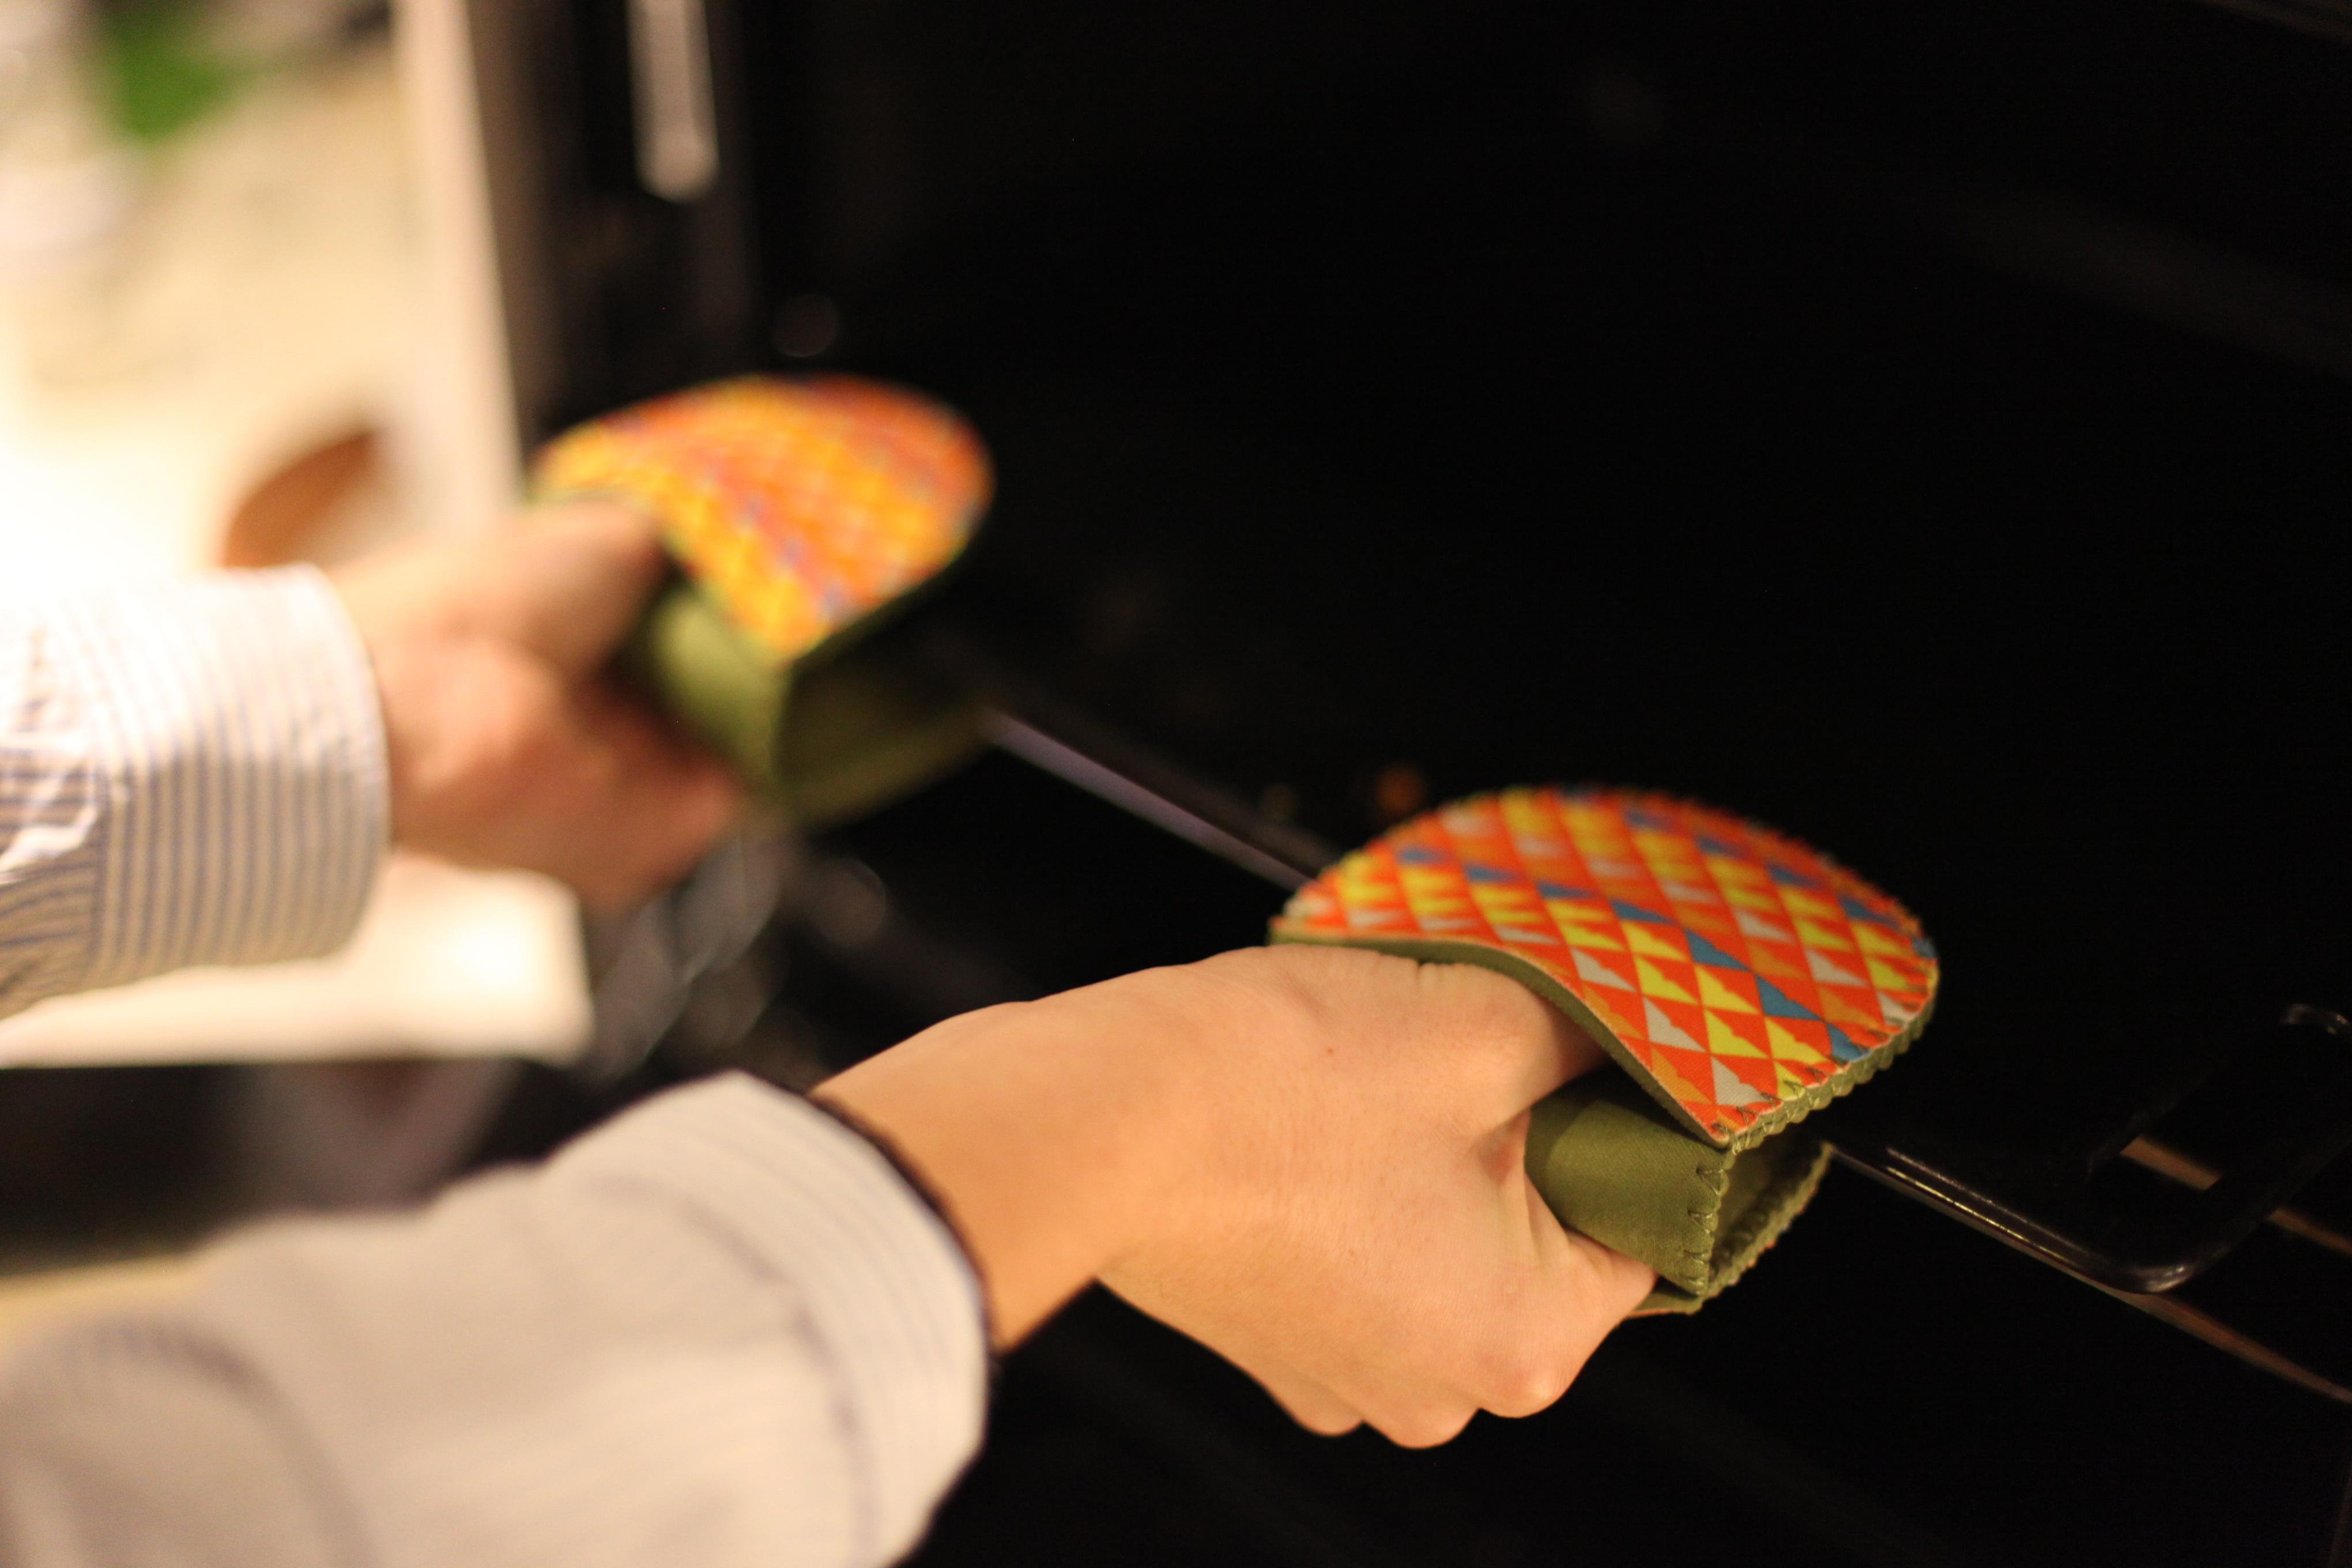 Oven Finger Grips